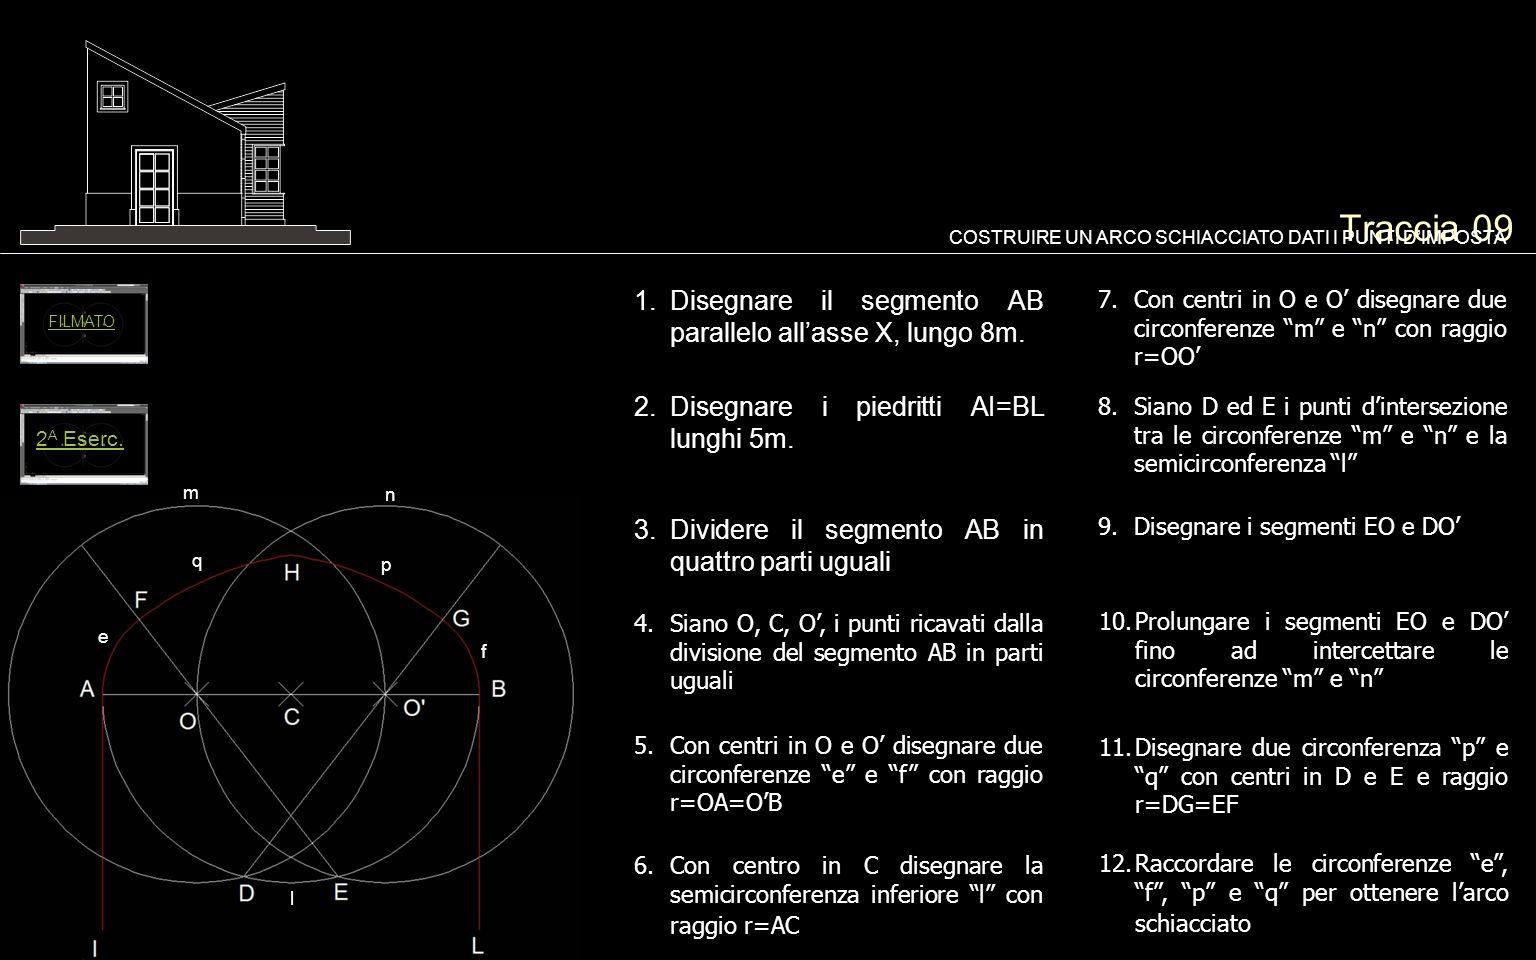 Traccia 09 1.Disegnare il segmento AB parallelo allasse X, lungo 8m. COSTRUIRE UN ARCO SCHIACCIATO DATI I PUNTI DIMPOSTA 2.Disegnare i piedritti AI=BL